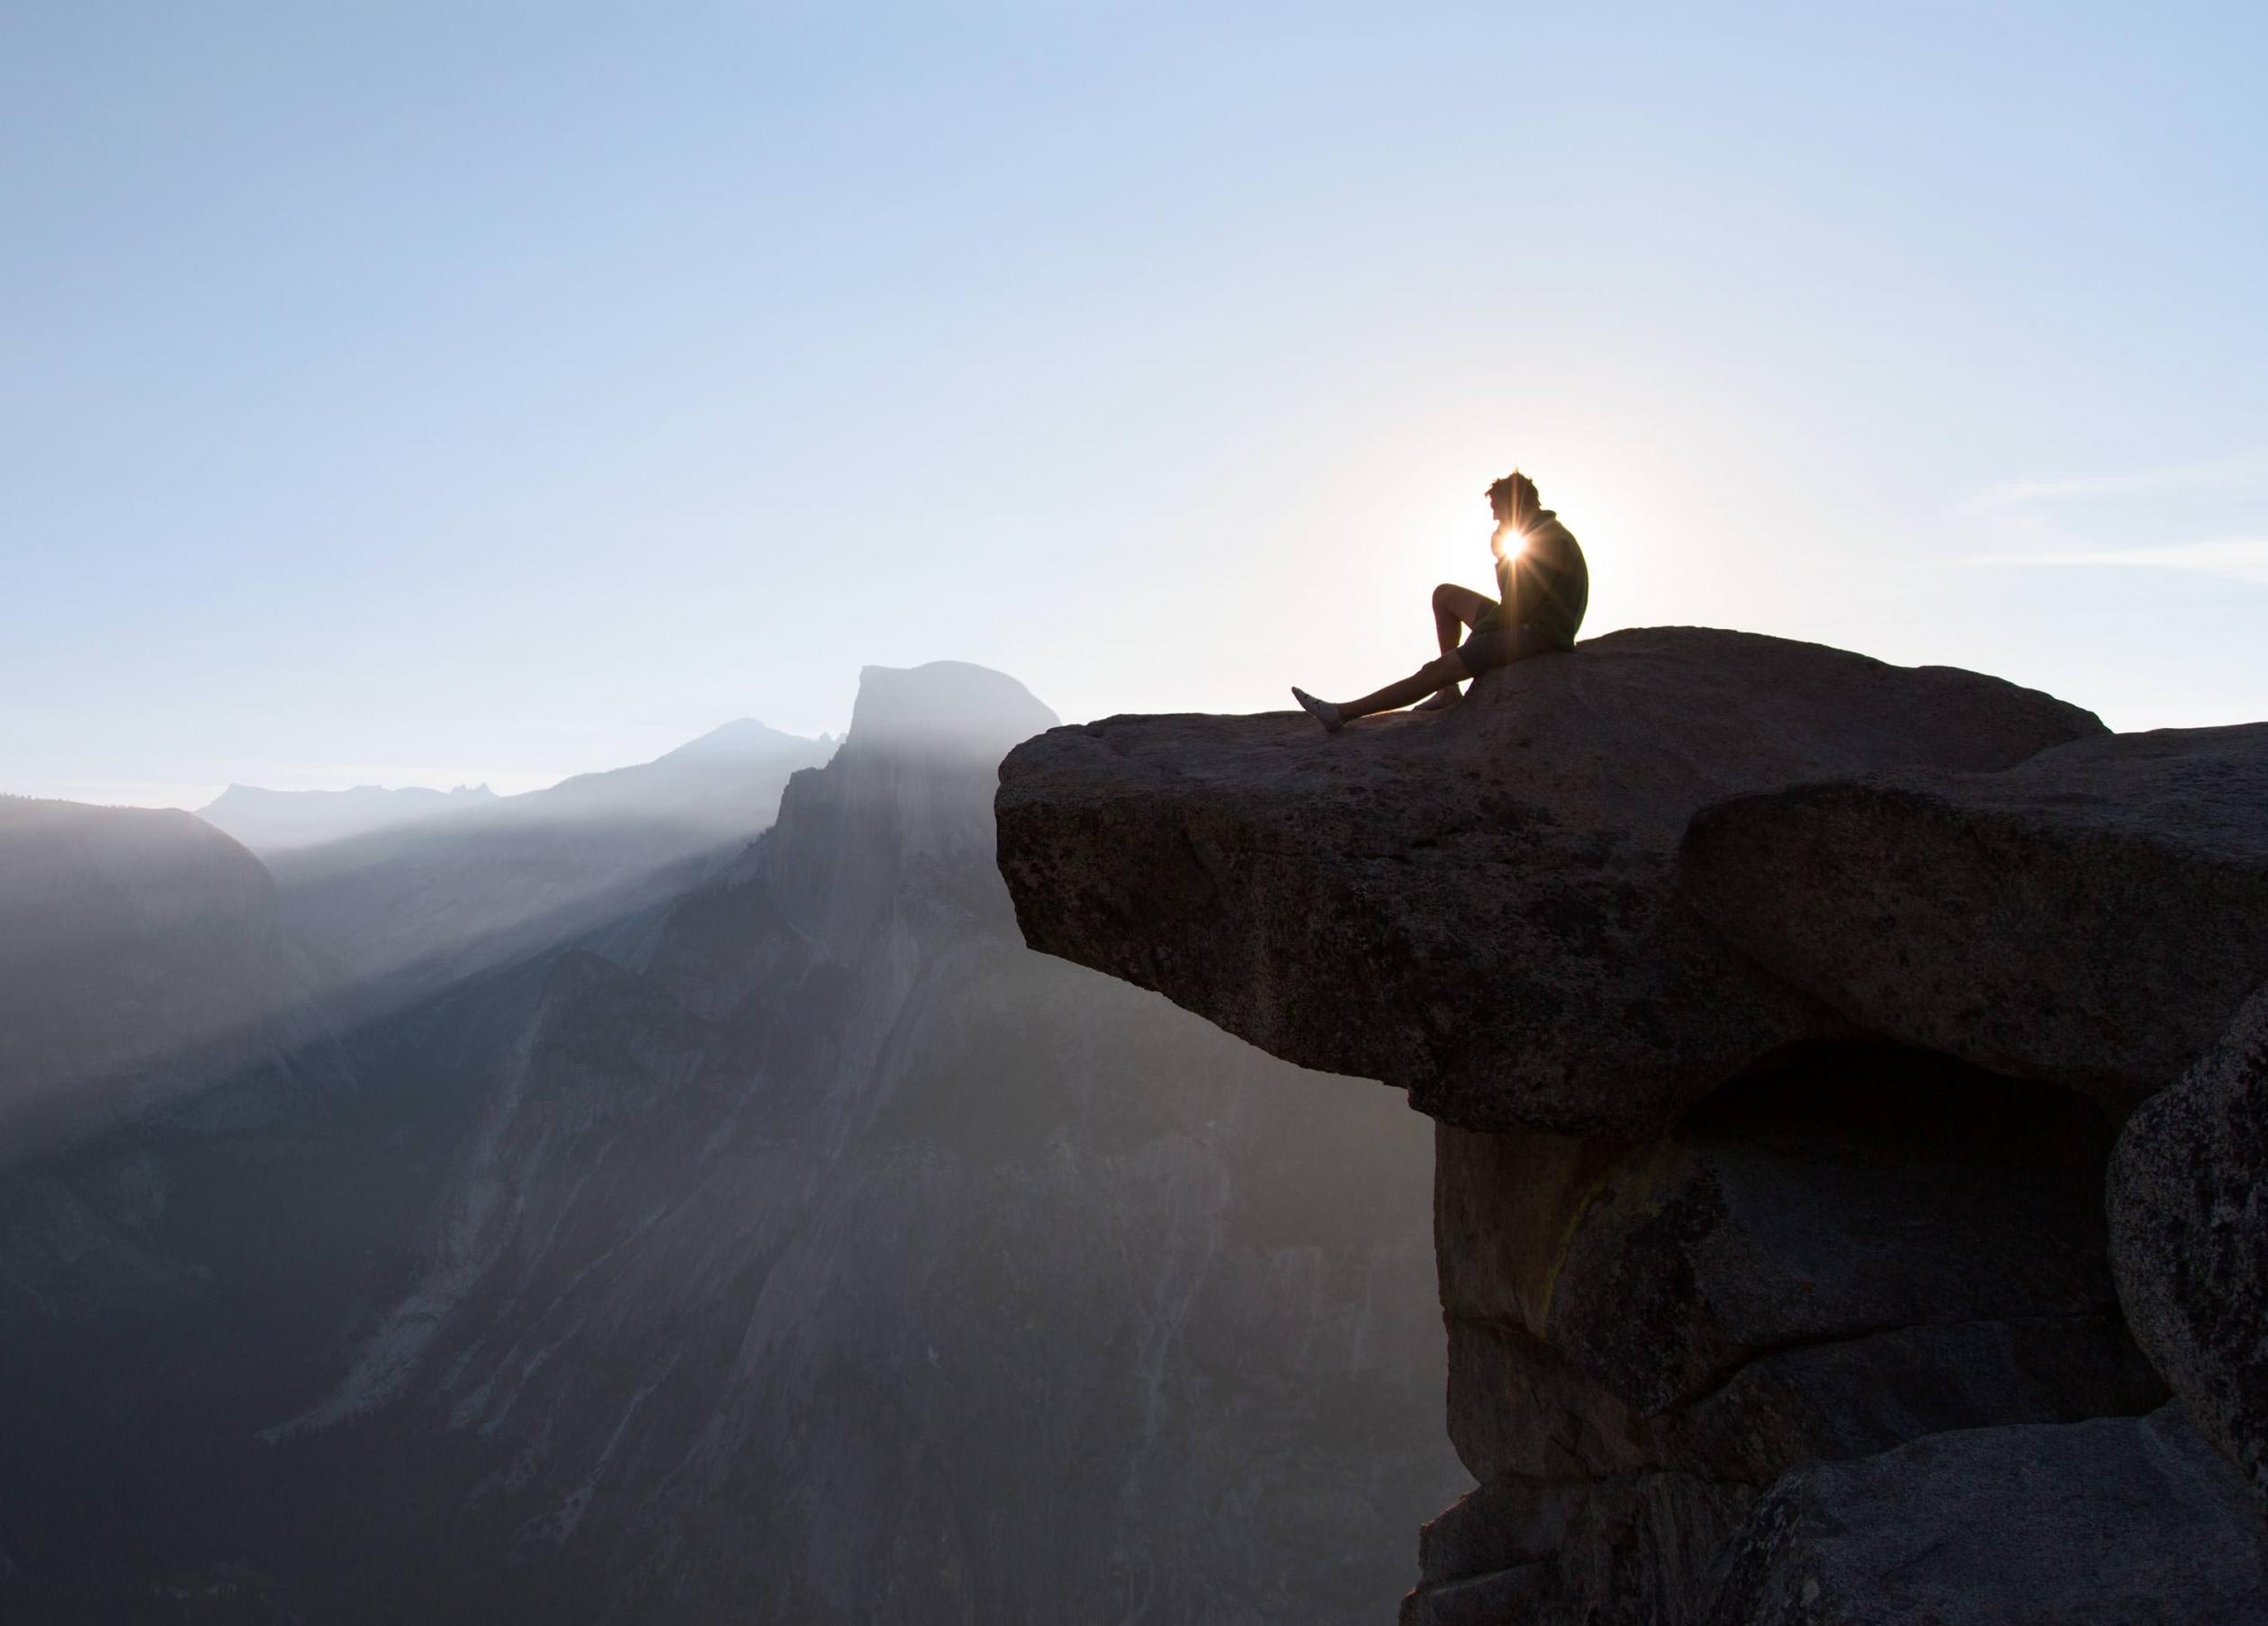 El sol se levanta sobre la media bóveda en el parque nacional de Yosemite